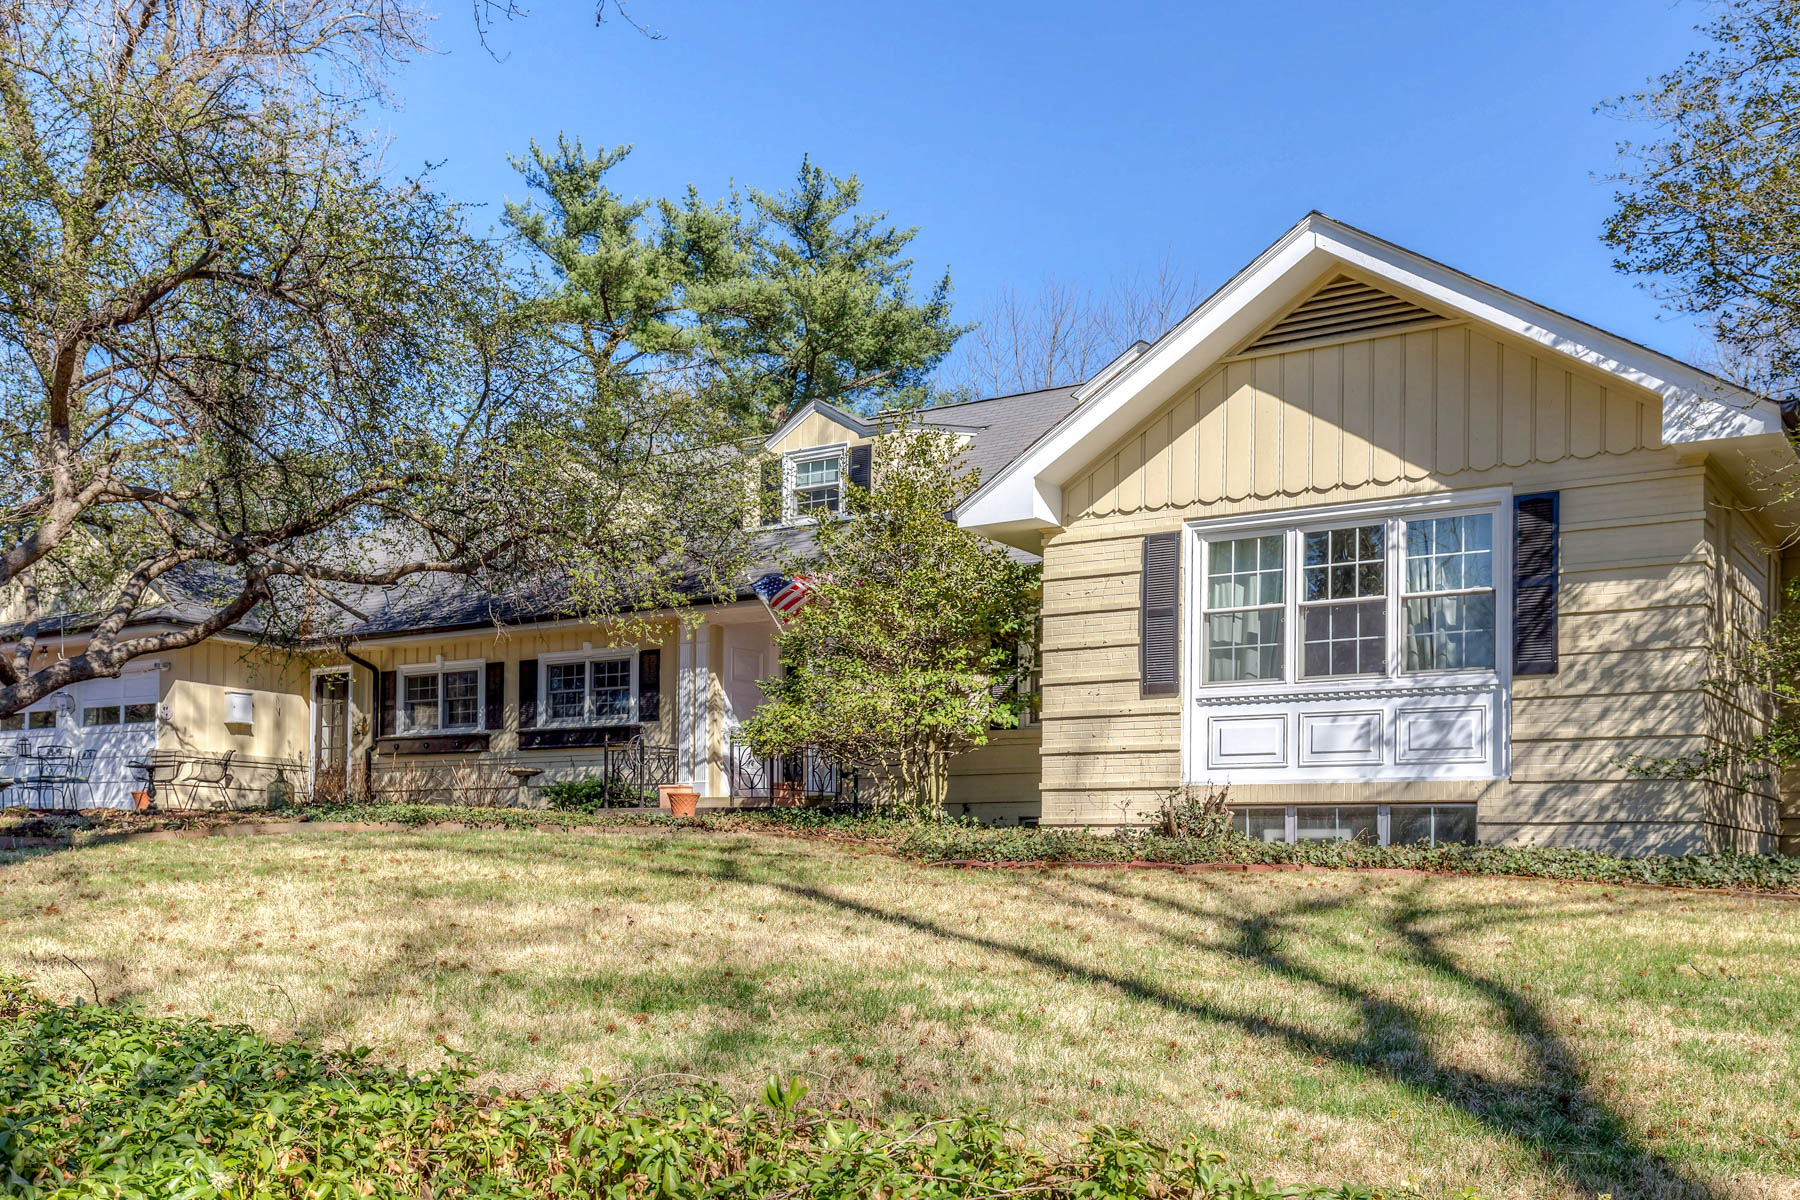 Maison unifamiliale pour l Vente à Charming Colonial Cottage 3 Clermont Lane Ladue, Missouri, 63124 États-Unis